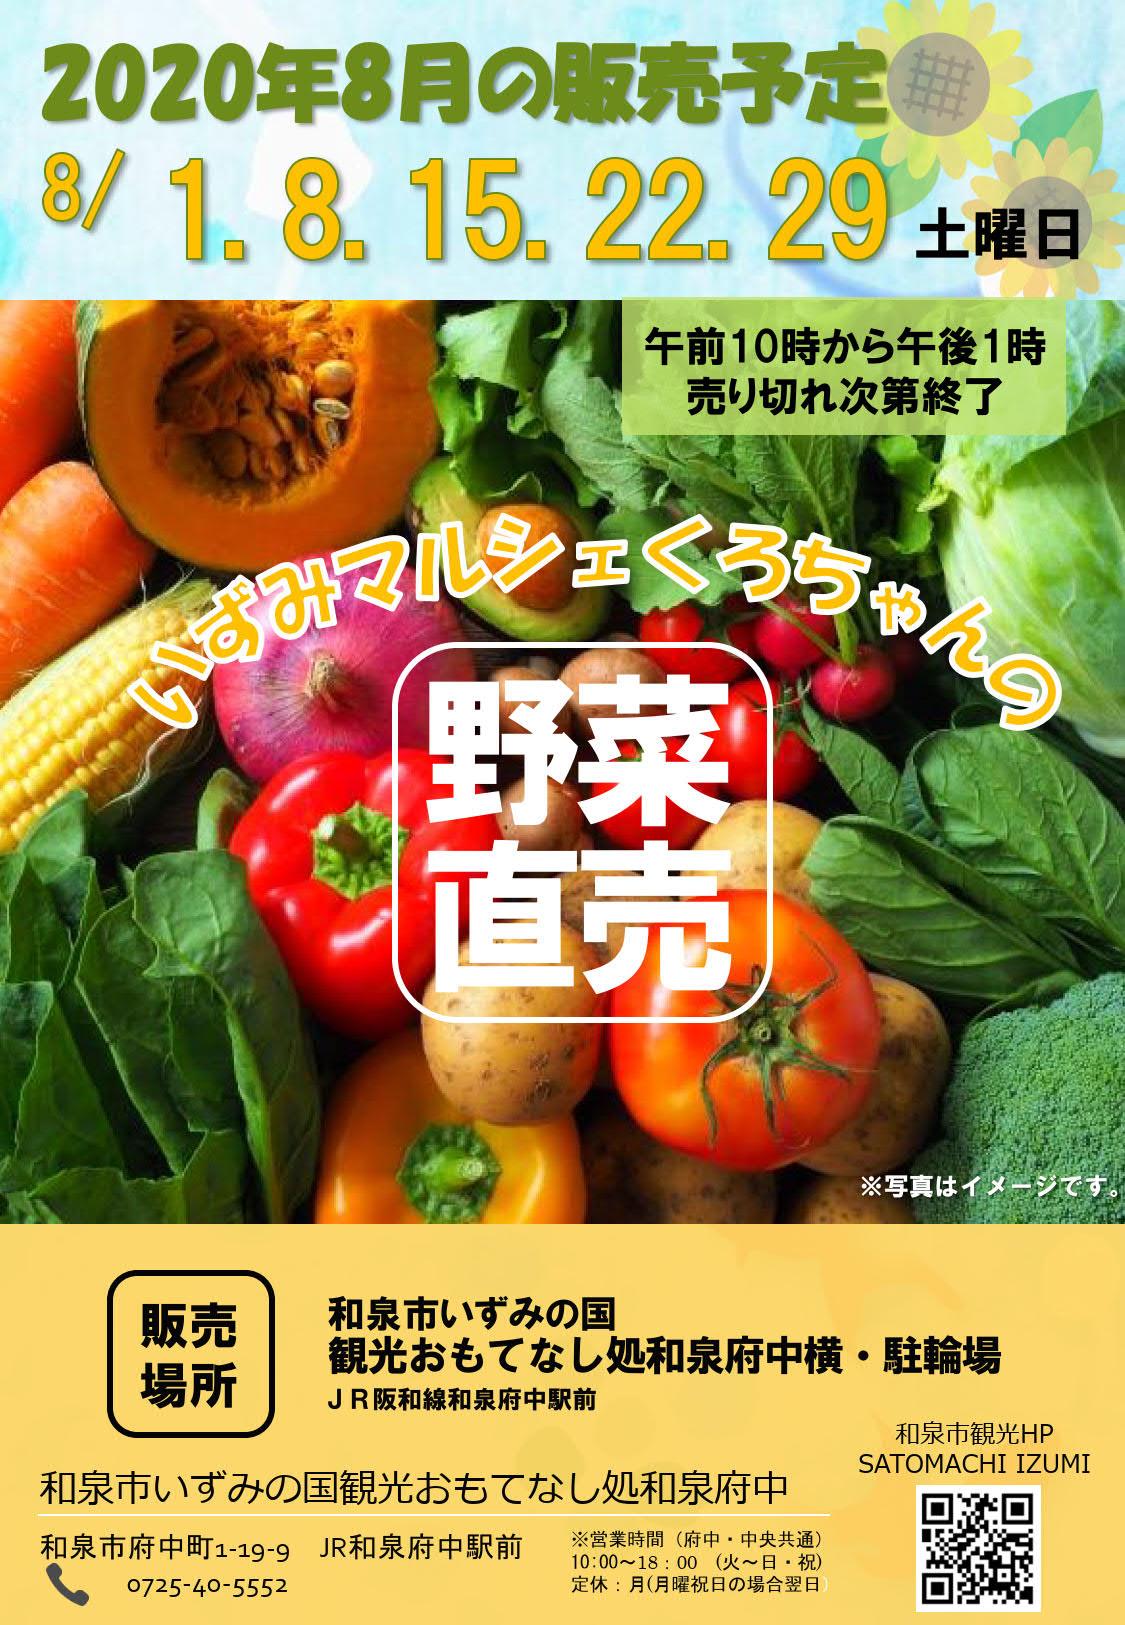 【終了】2020年8月いずみマルシェくろちゃんの野菜直売!! inおもてなし処和泉府中